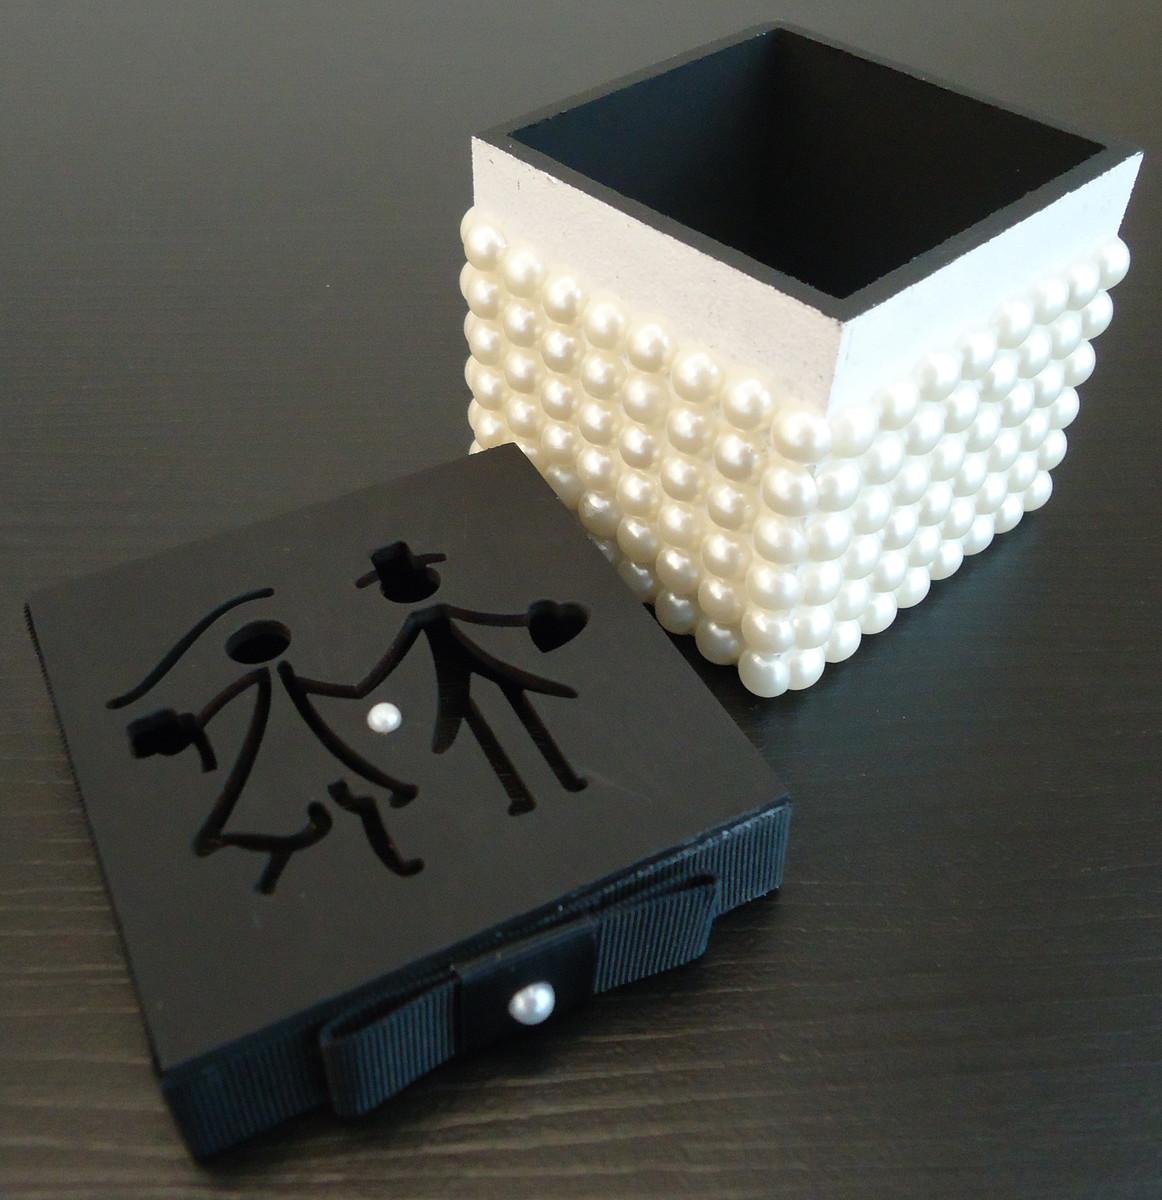 perolas x cm caixa tampa sapato caixa tampa sapato perolas x cm caixa  #897342 1162x1200